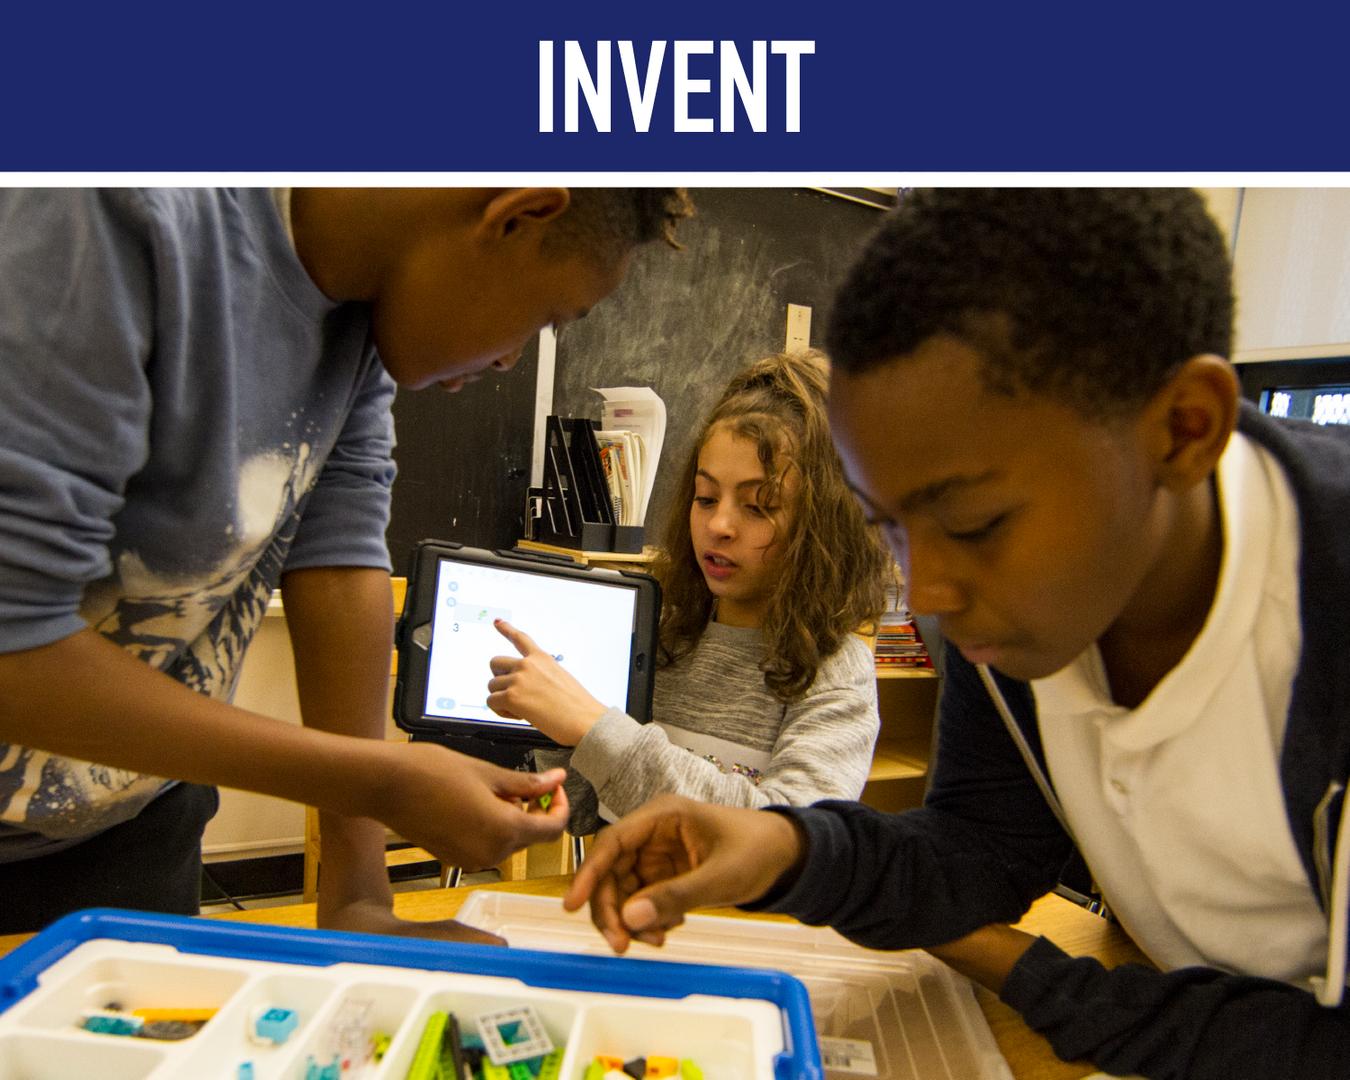 Invent: Robotics